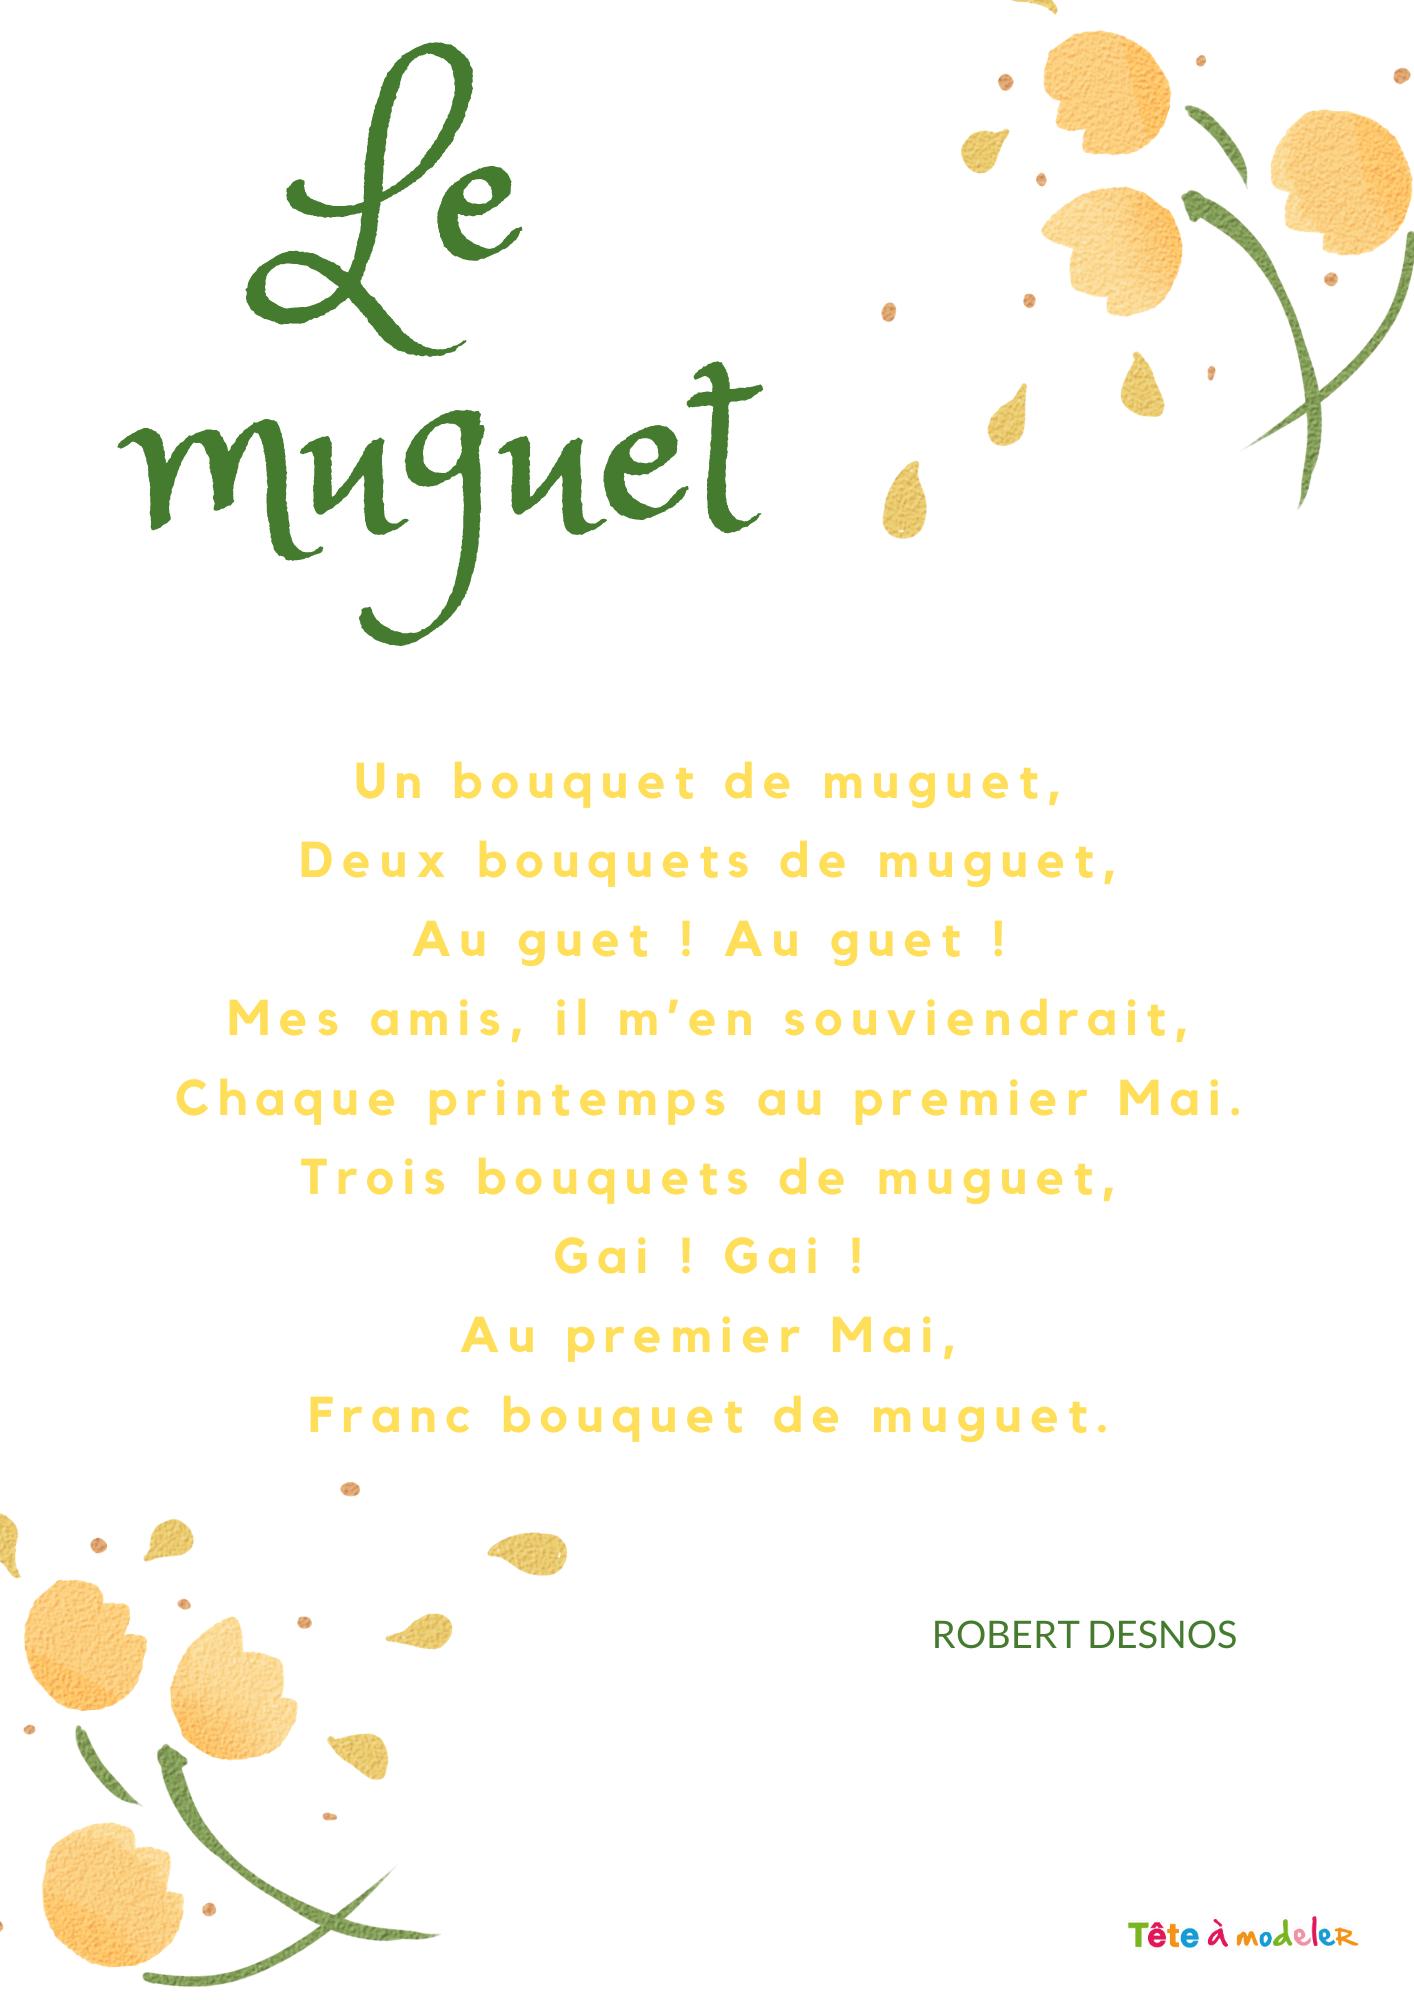 Imprimer La Poésie De Robert Desnos Le Muguet - Chanson encequiconcerne Poème De Robert Desnos